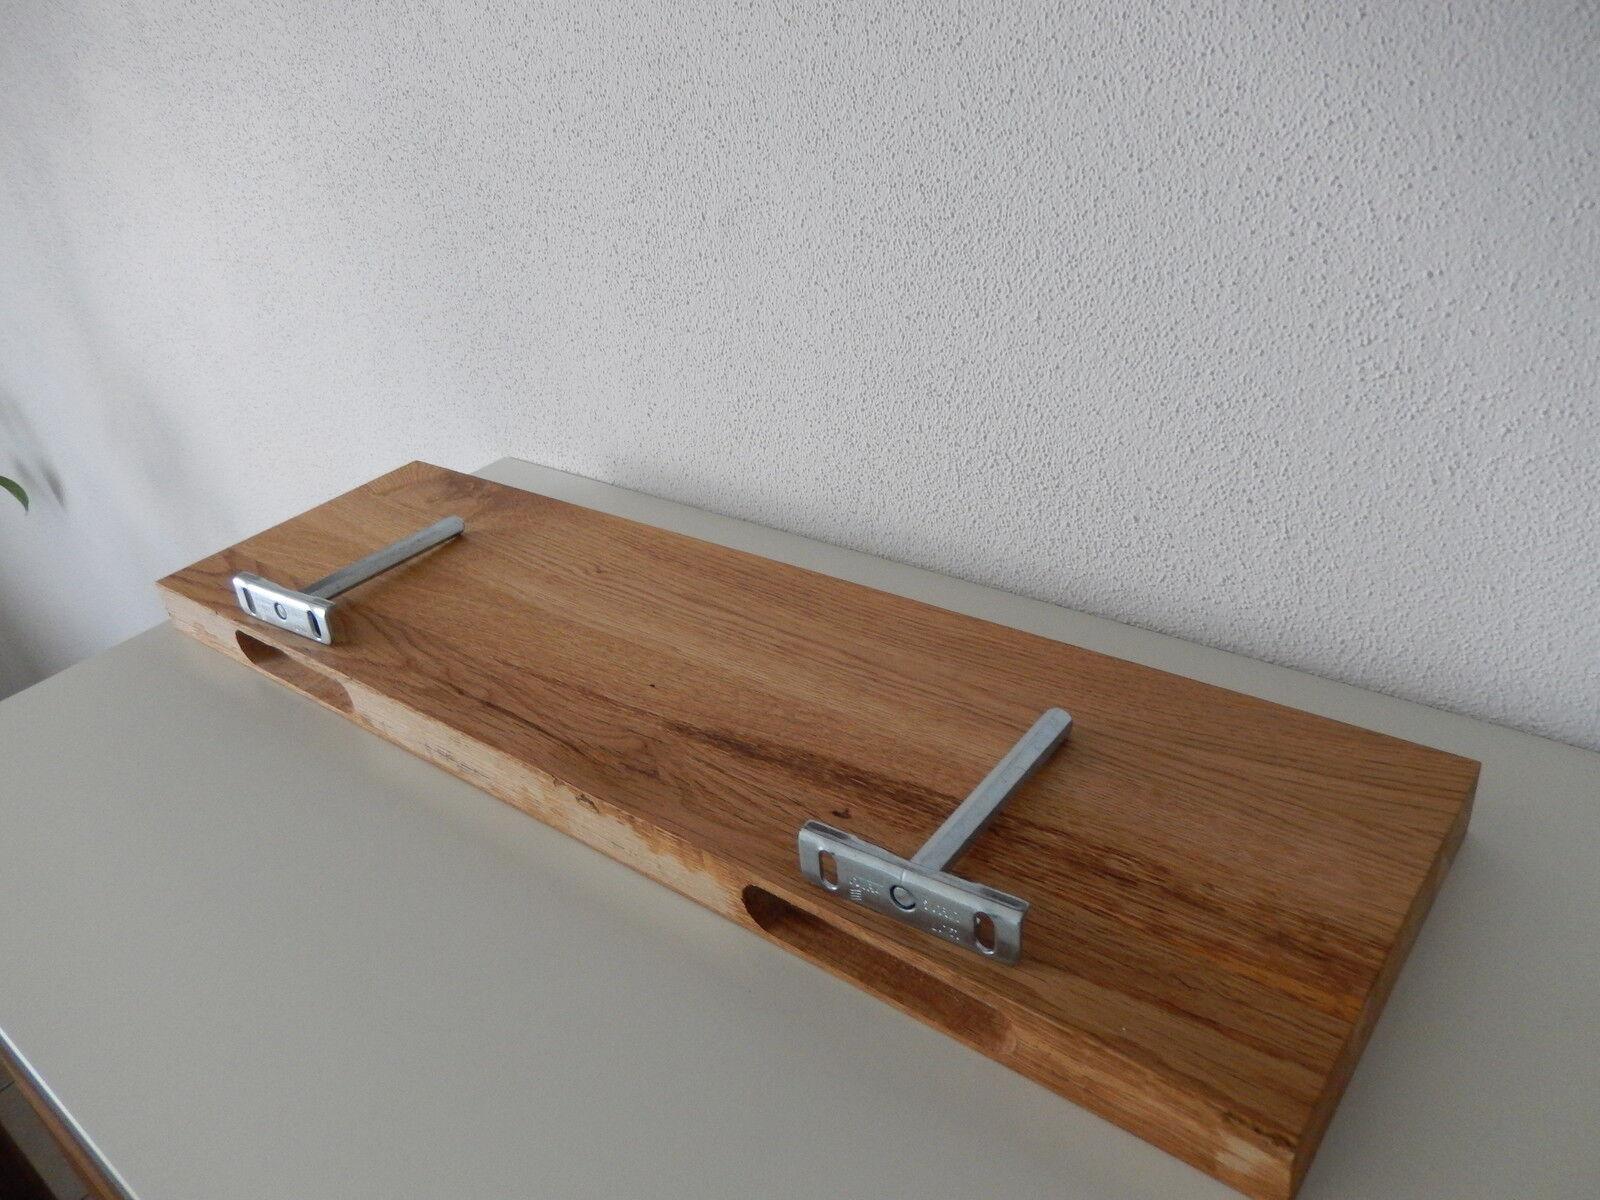 SAFETY PINS Assortiment 125pk Small Medium Large En Métal Doré à Coudre Craft Home